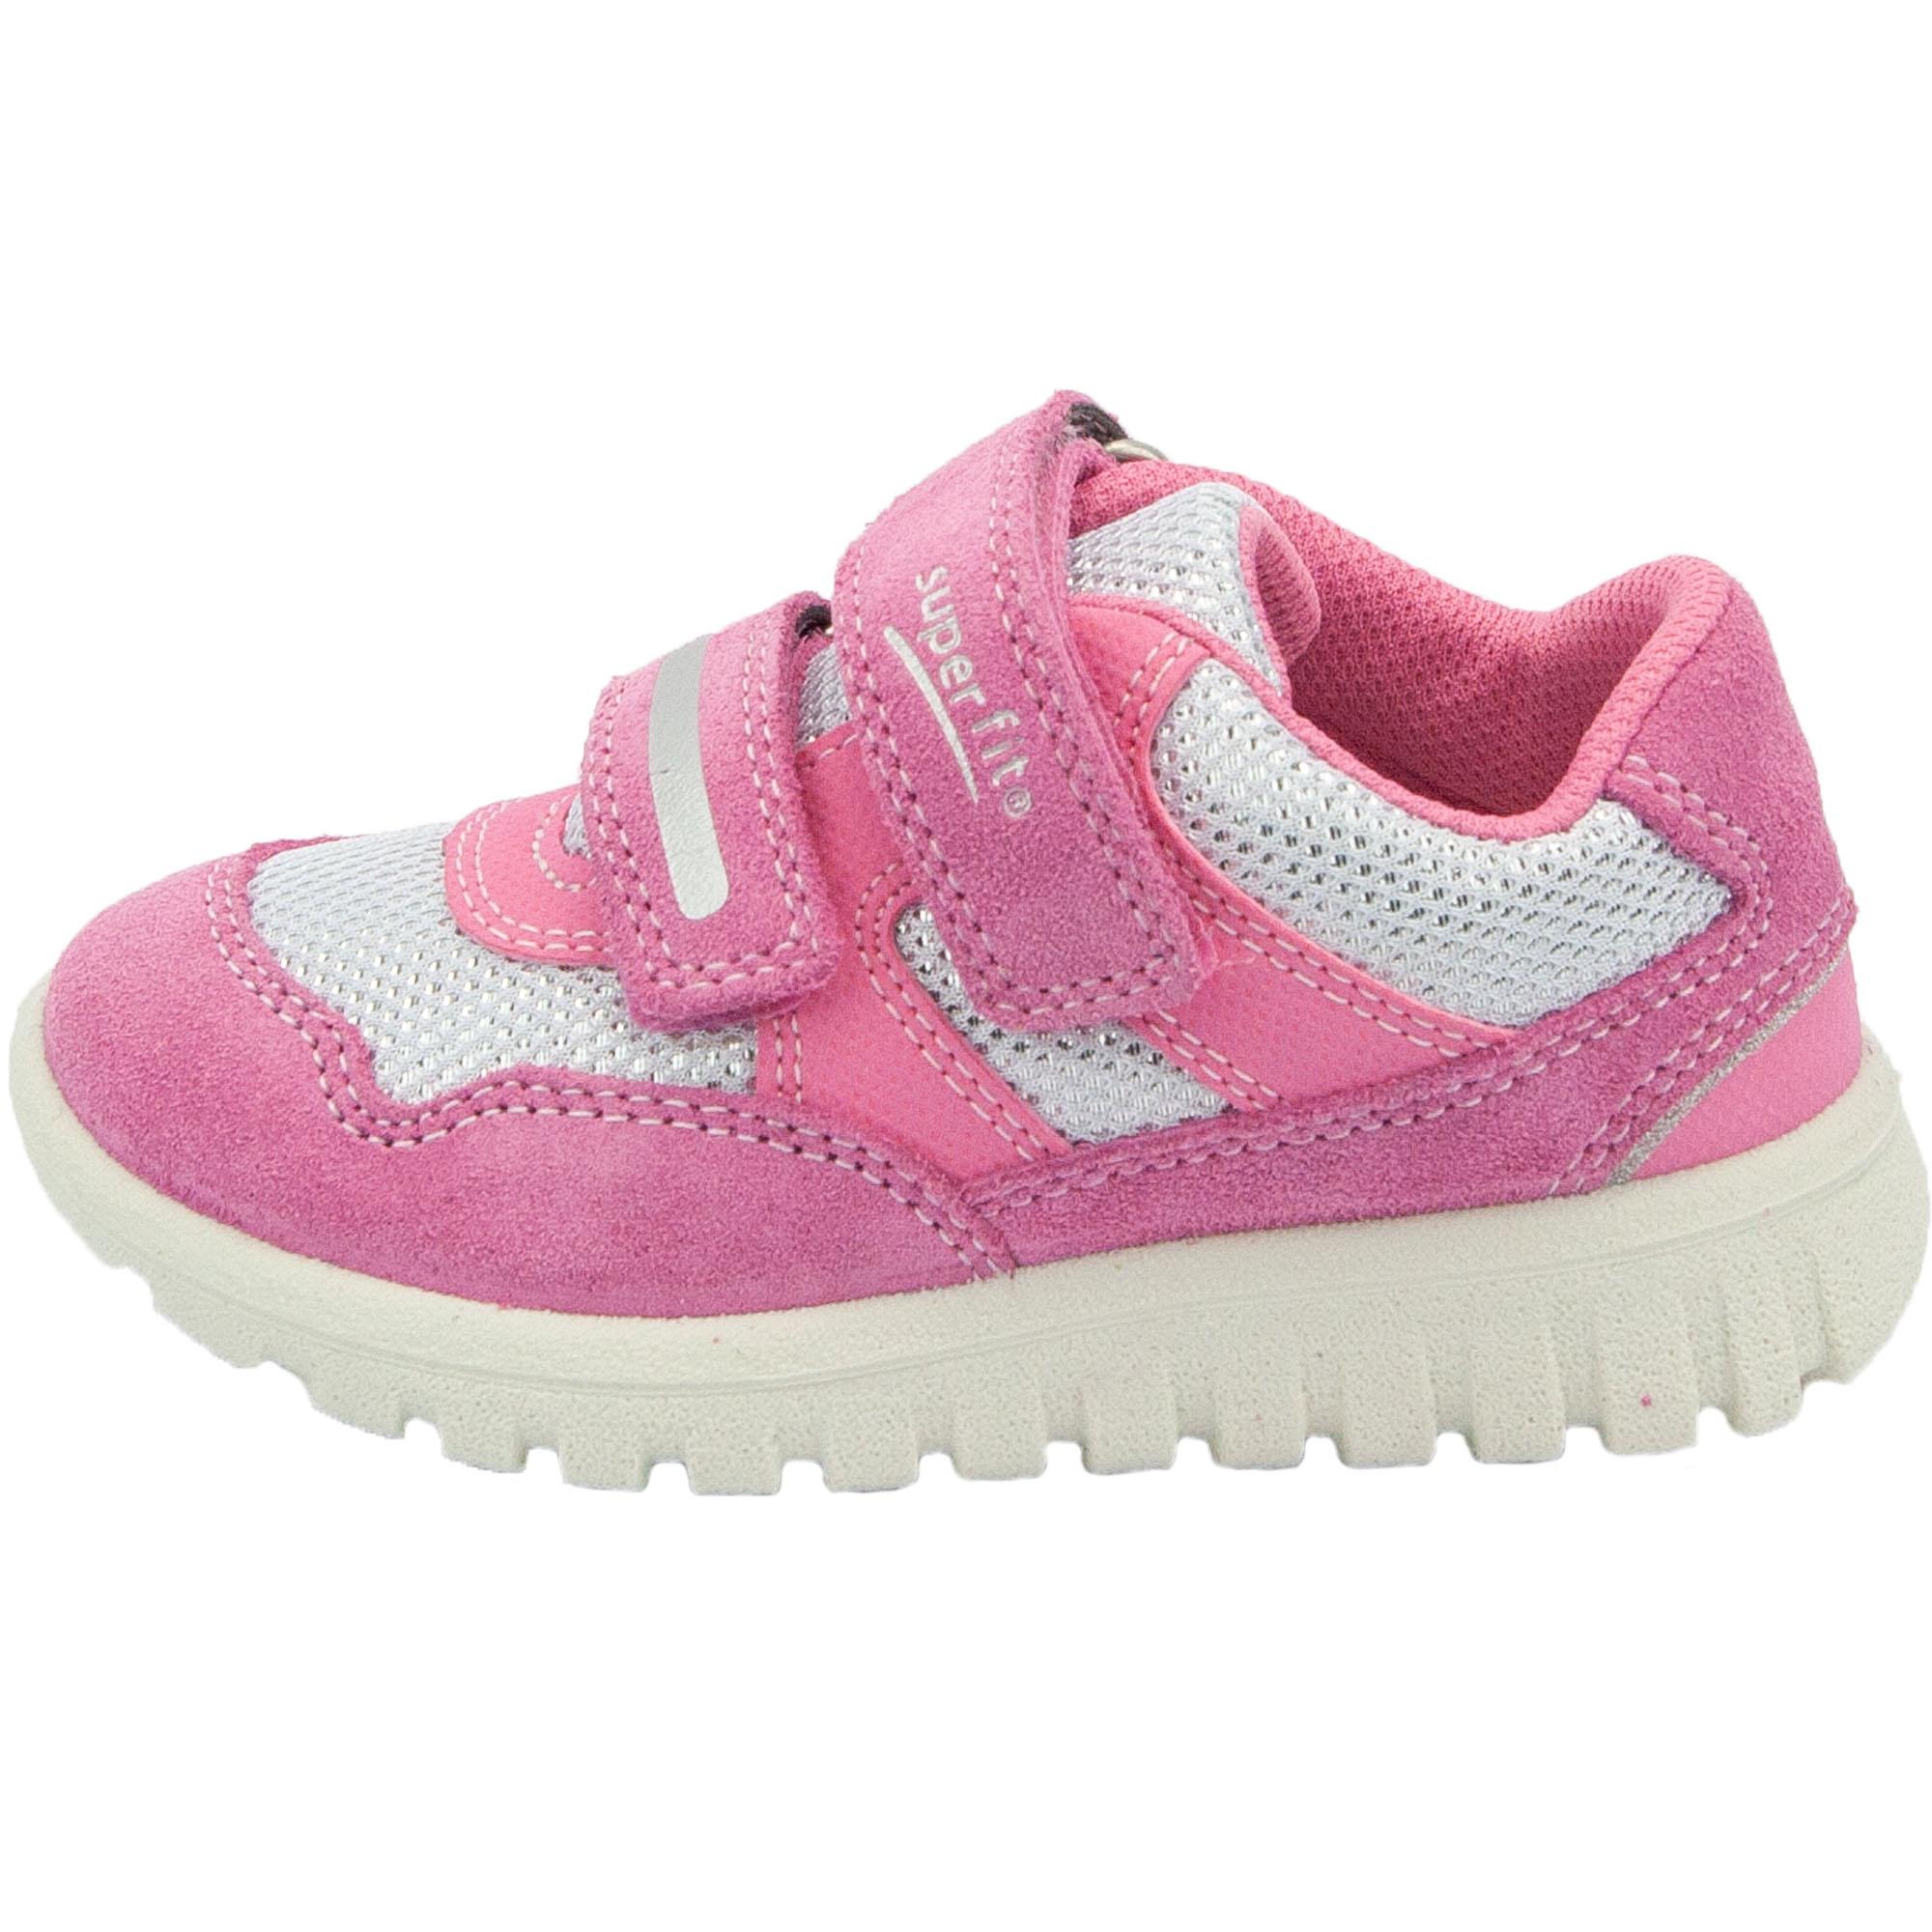 625ca511737a Superfit celoroční dětská obuv 4-09191-55 Sport7 Mini